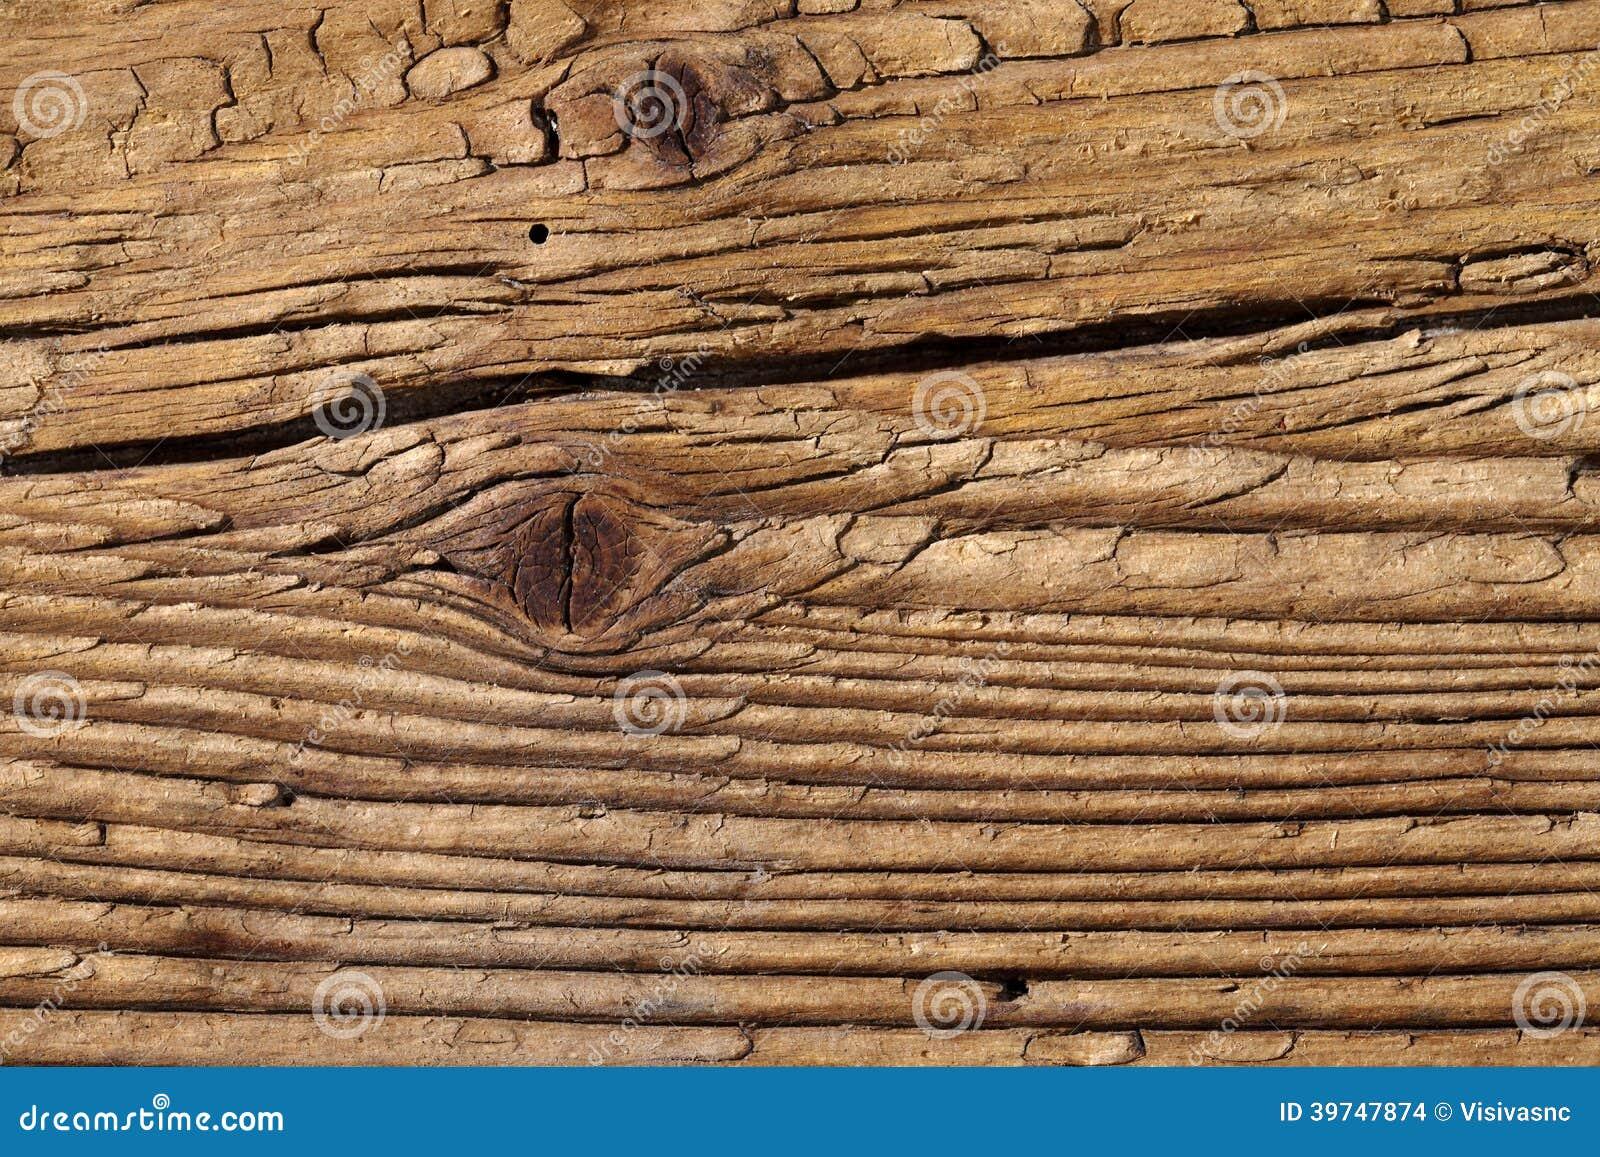 Vecchie tavole di legno antiche fotografia stock immagine 39747874 - Tavole legno vecchio prezzi ...